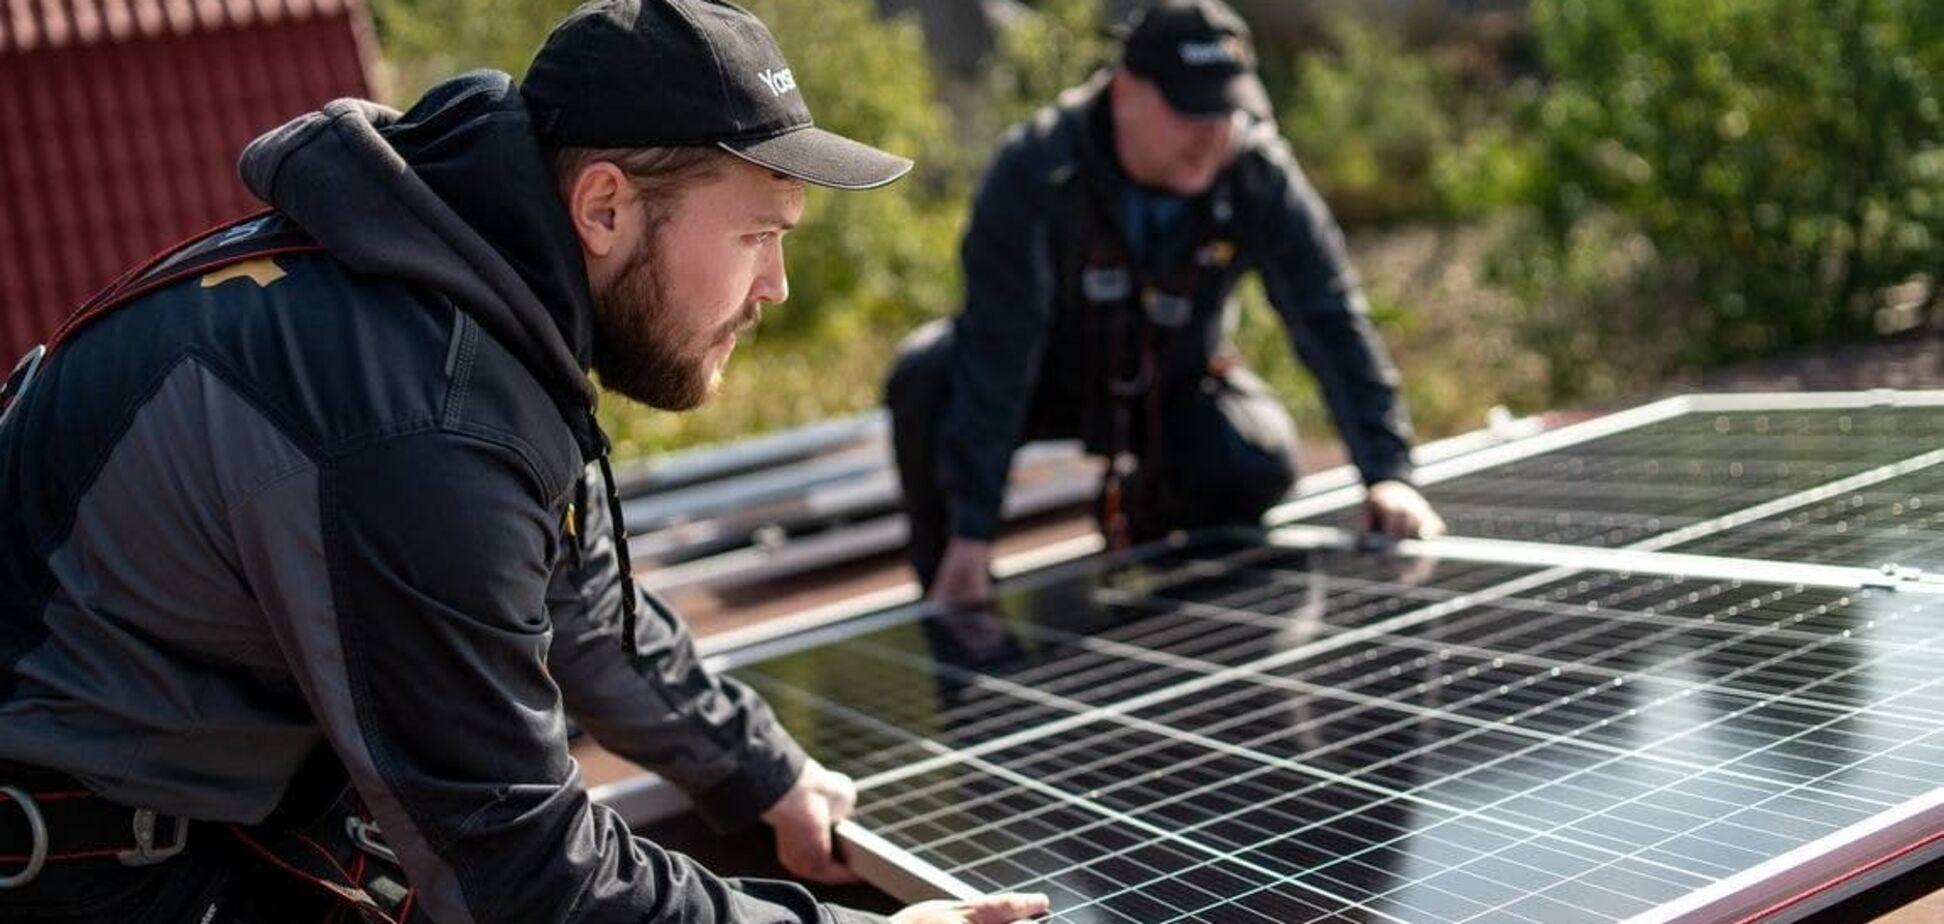 Поставщик YASNO помогает уменьшать количество выбросов СО2 на 300 тысяч тонн ежегодно